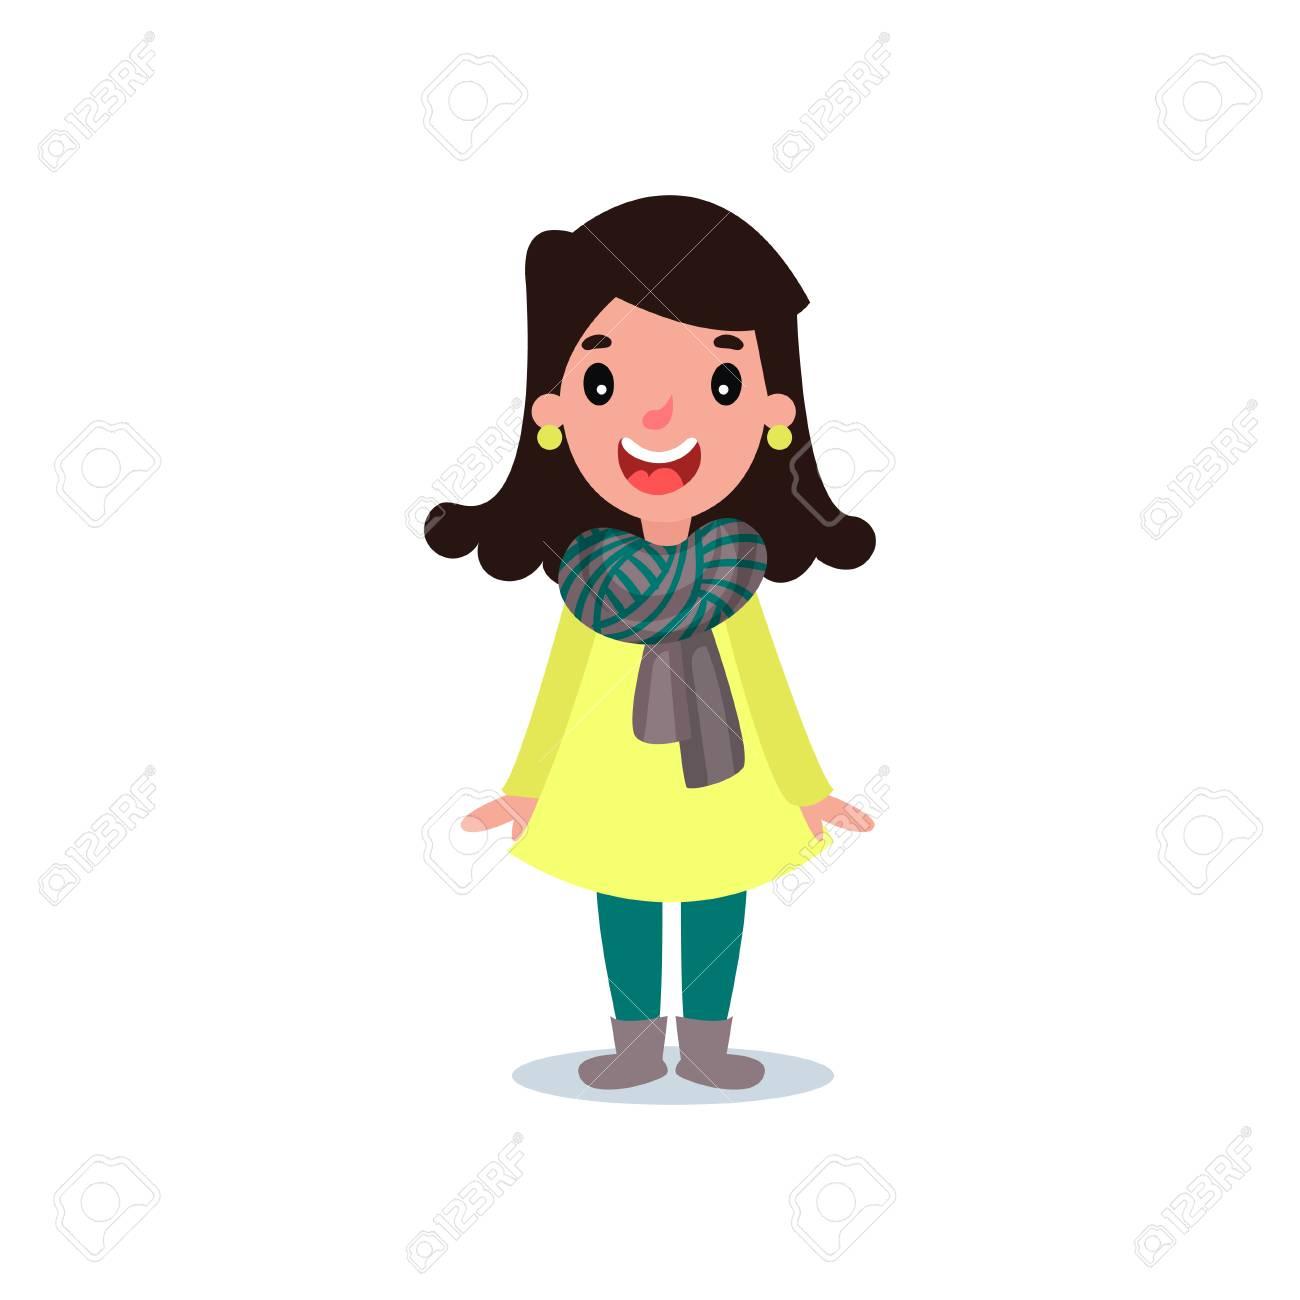 Un Personnage Feminin Dans Un Manteau Jaune Un Pantalon Vert Une